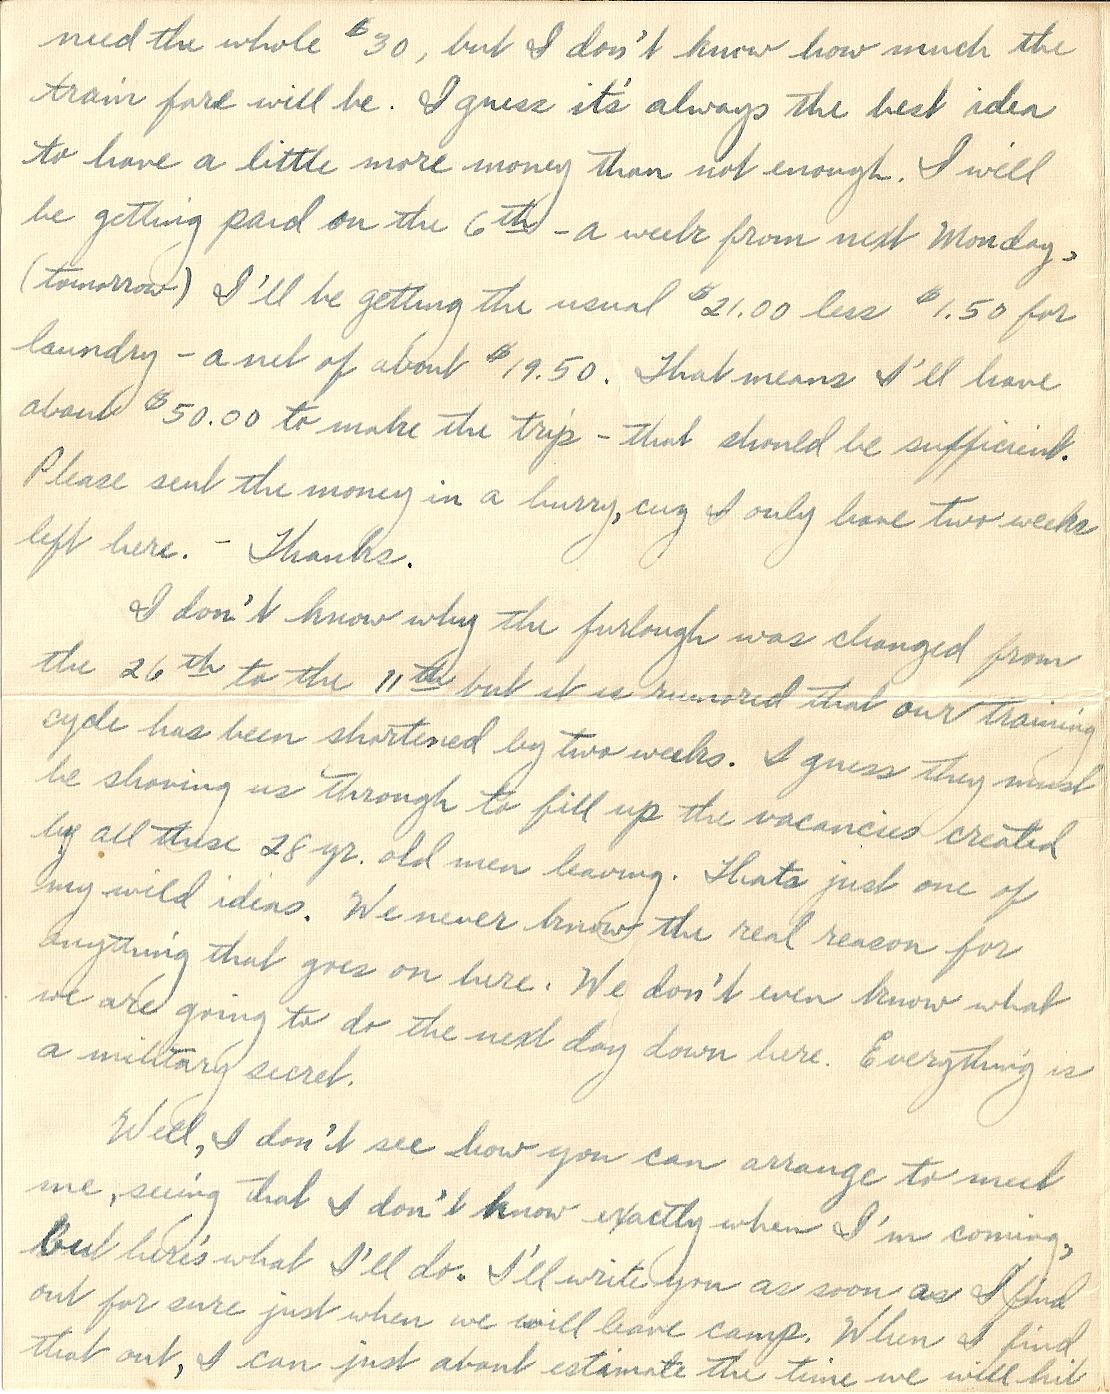 09.28.1941d.jpg